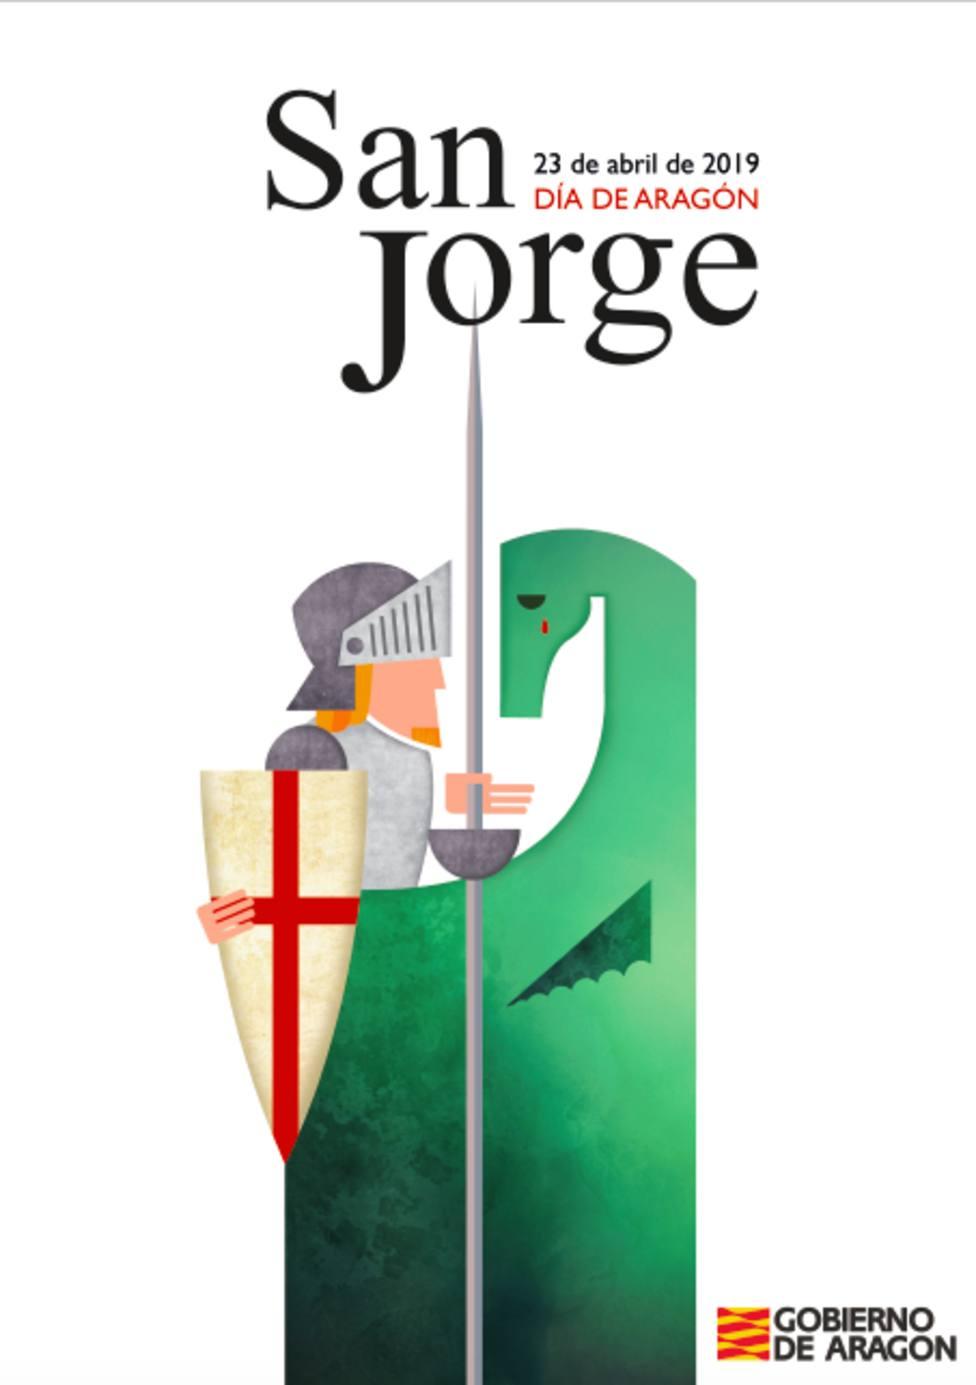 Cartel anunciador de San Jorge 2019, diseñado por la joven Natalia Castillo.